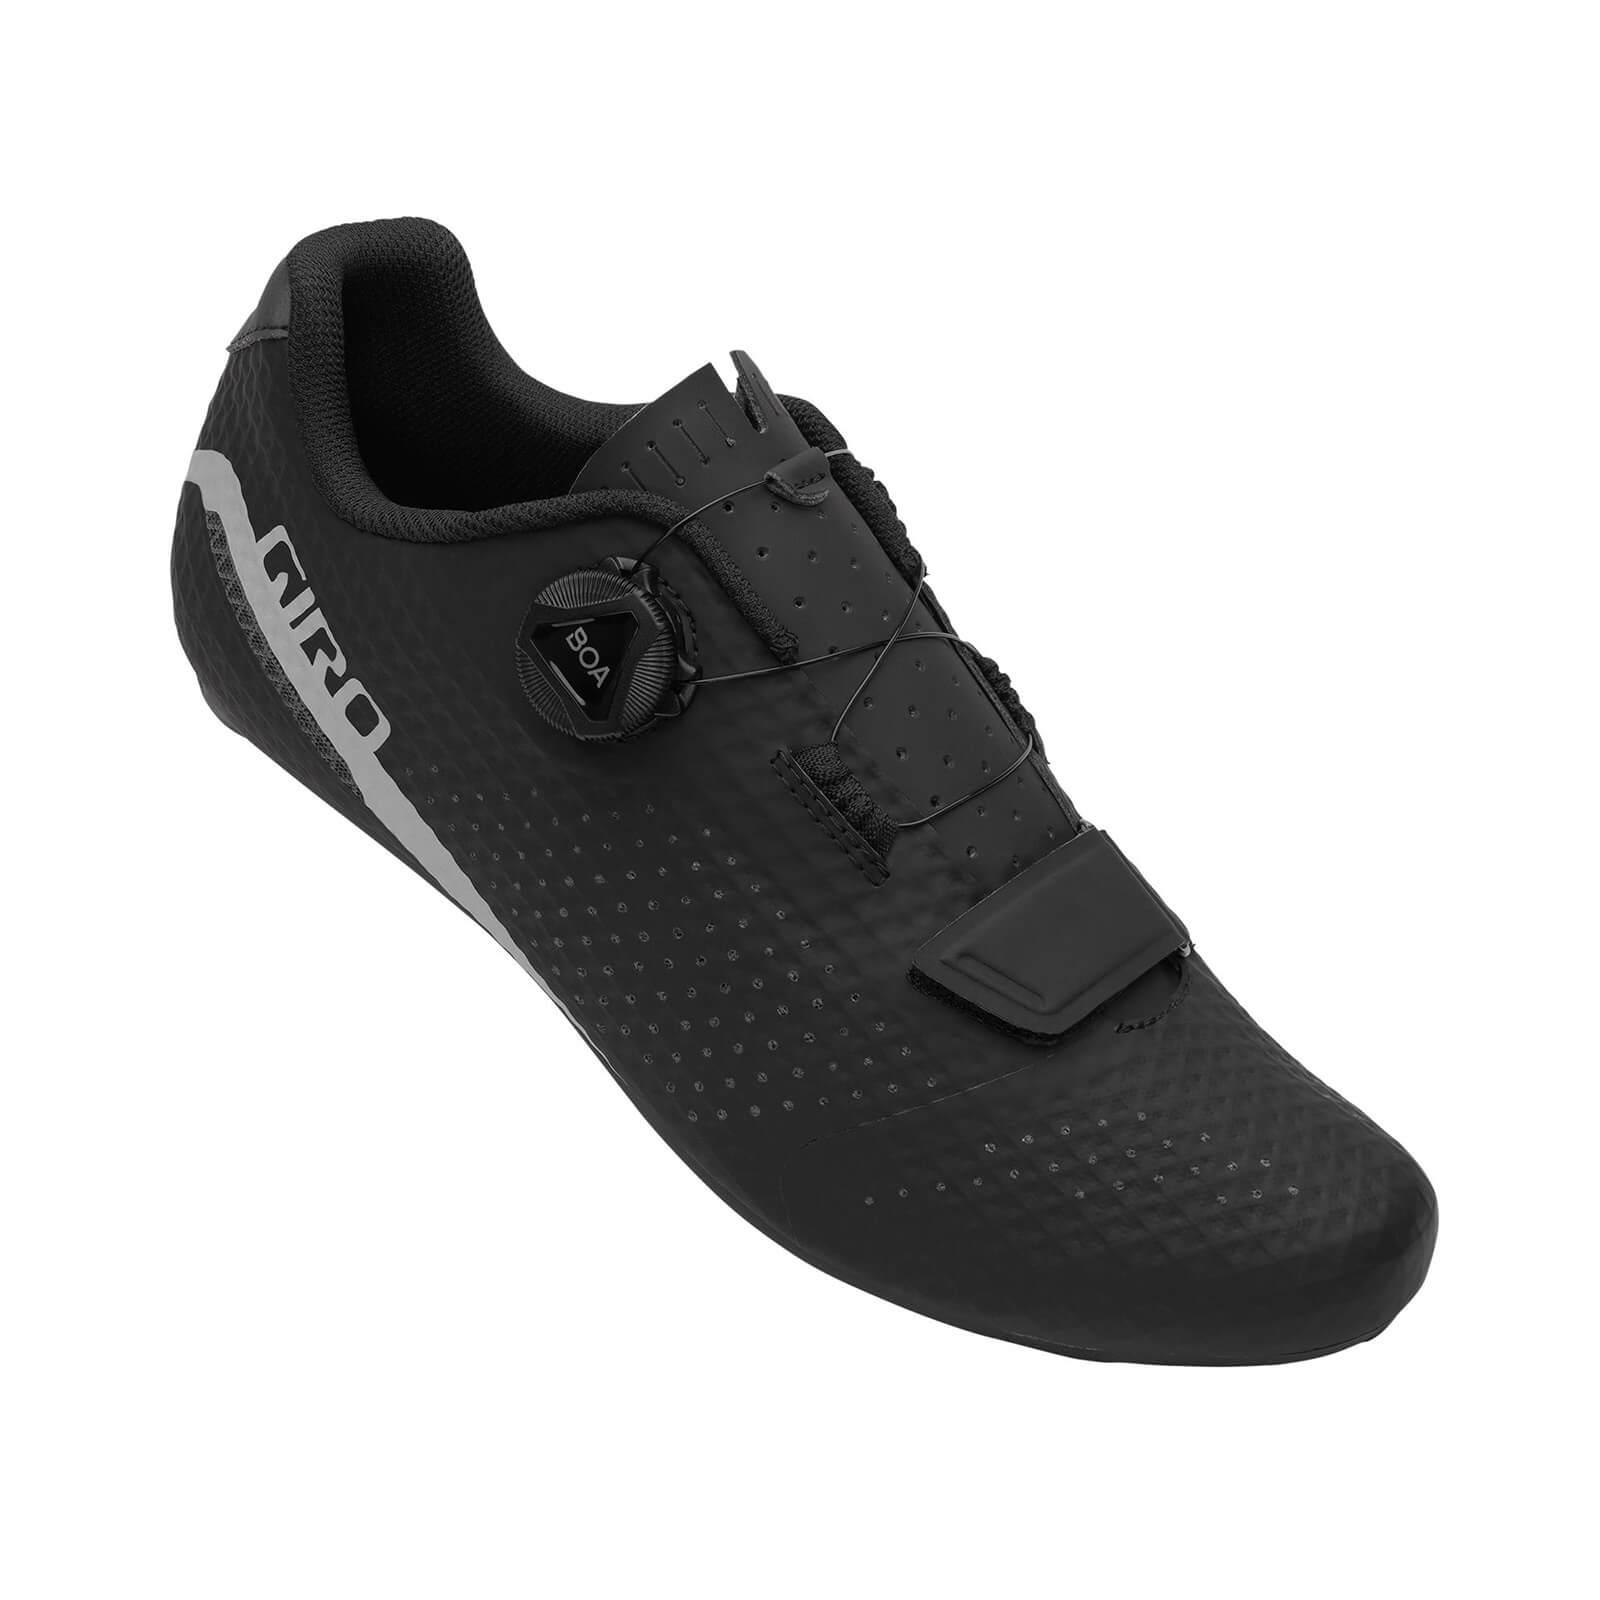 Giro Cadet Road Shoe - EU 41 - Black